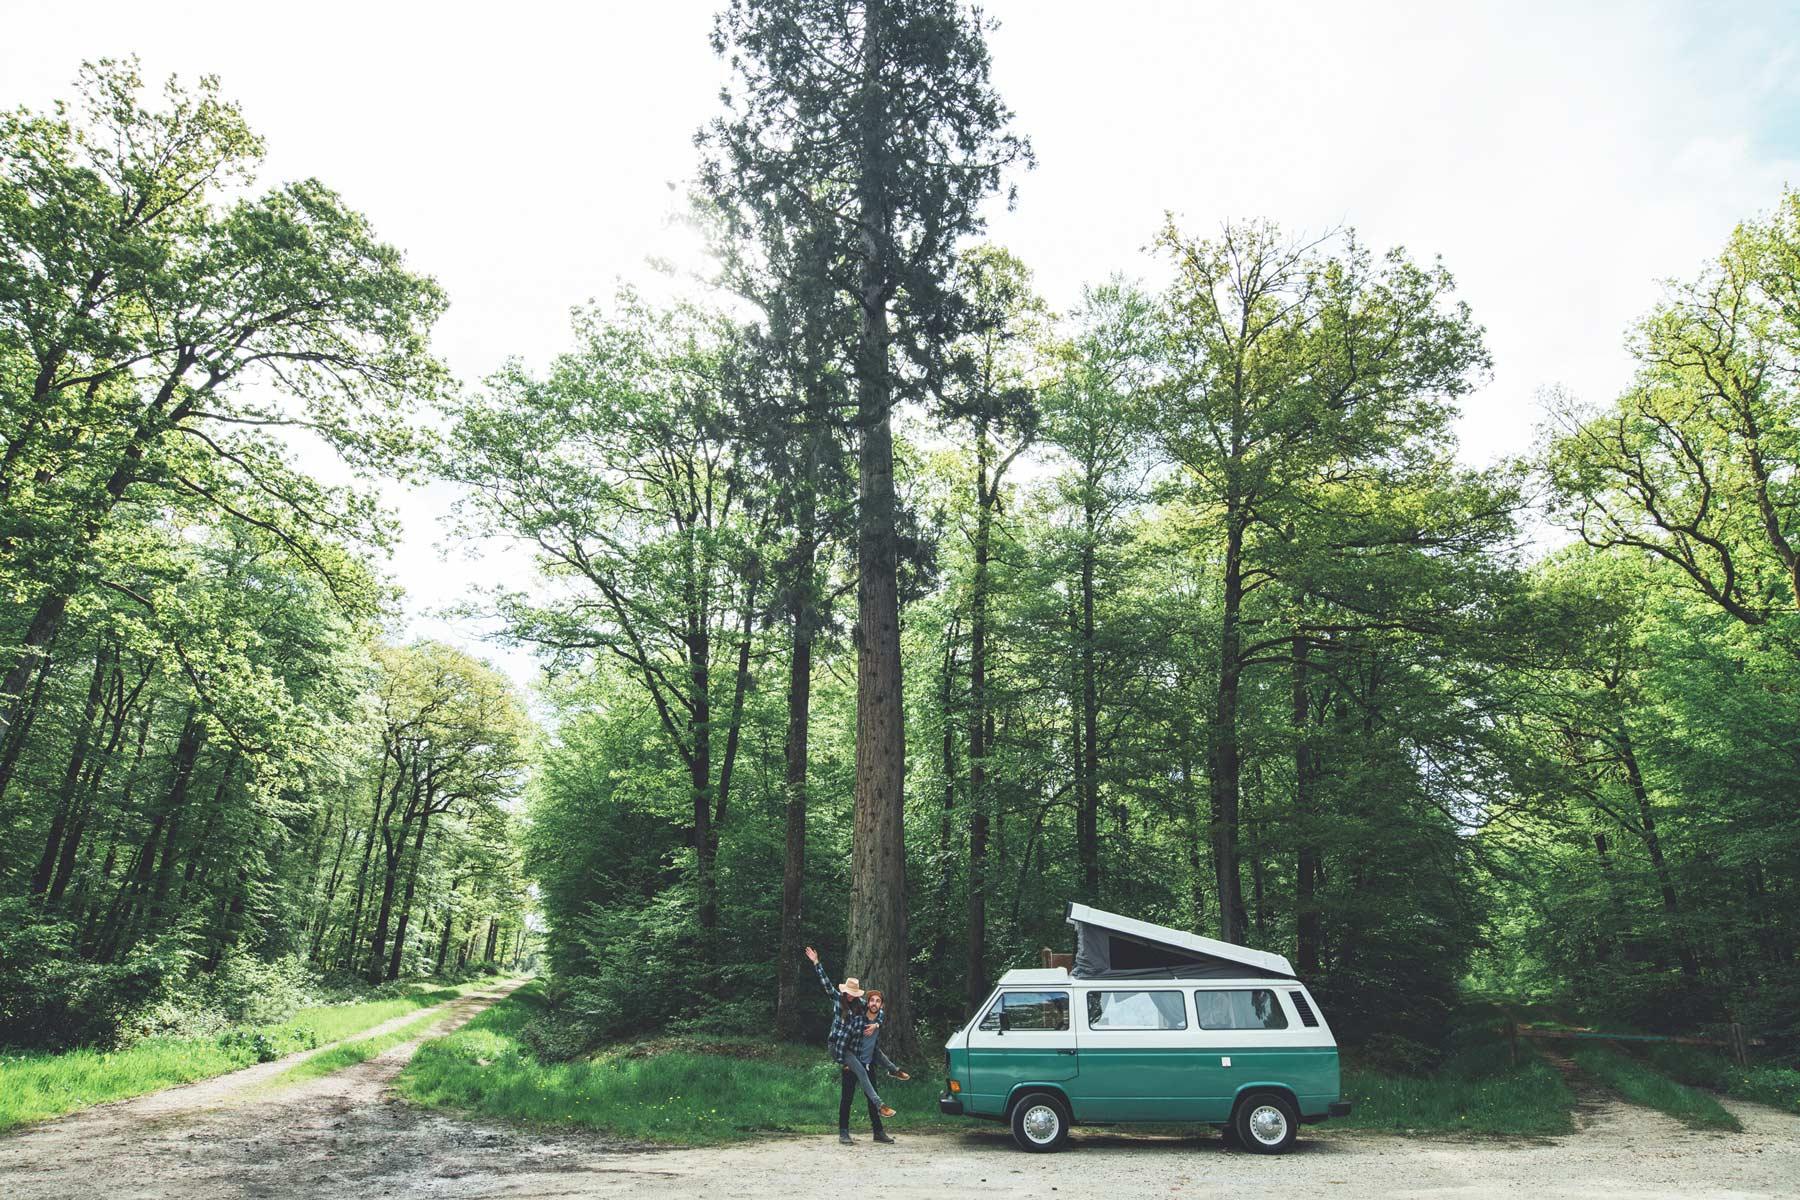 Markus: Van Volkswagen T3 vert